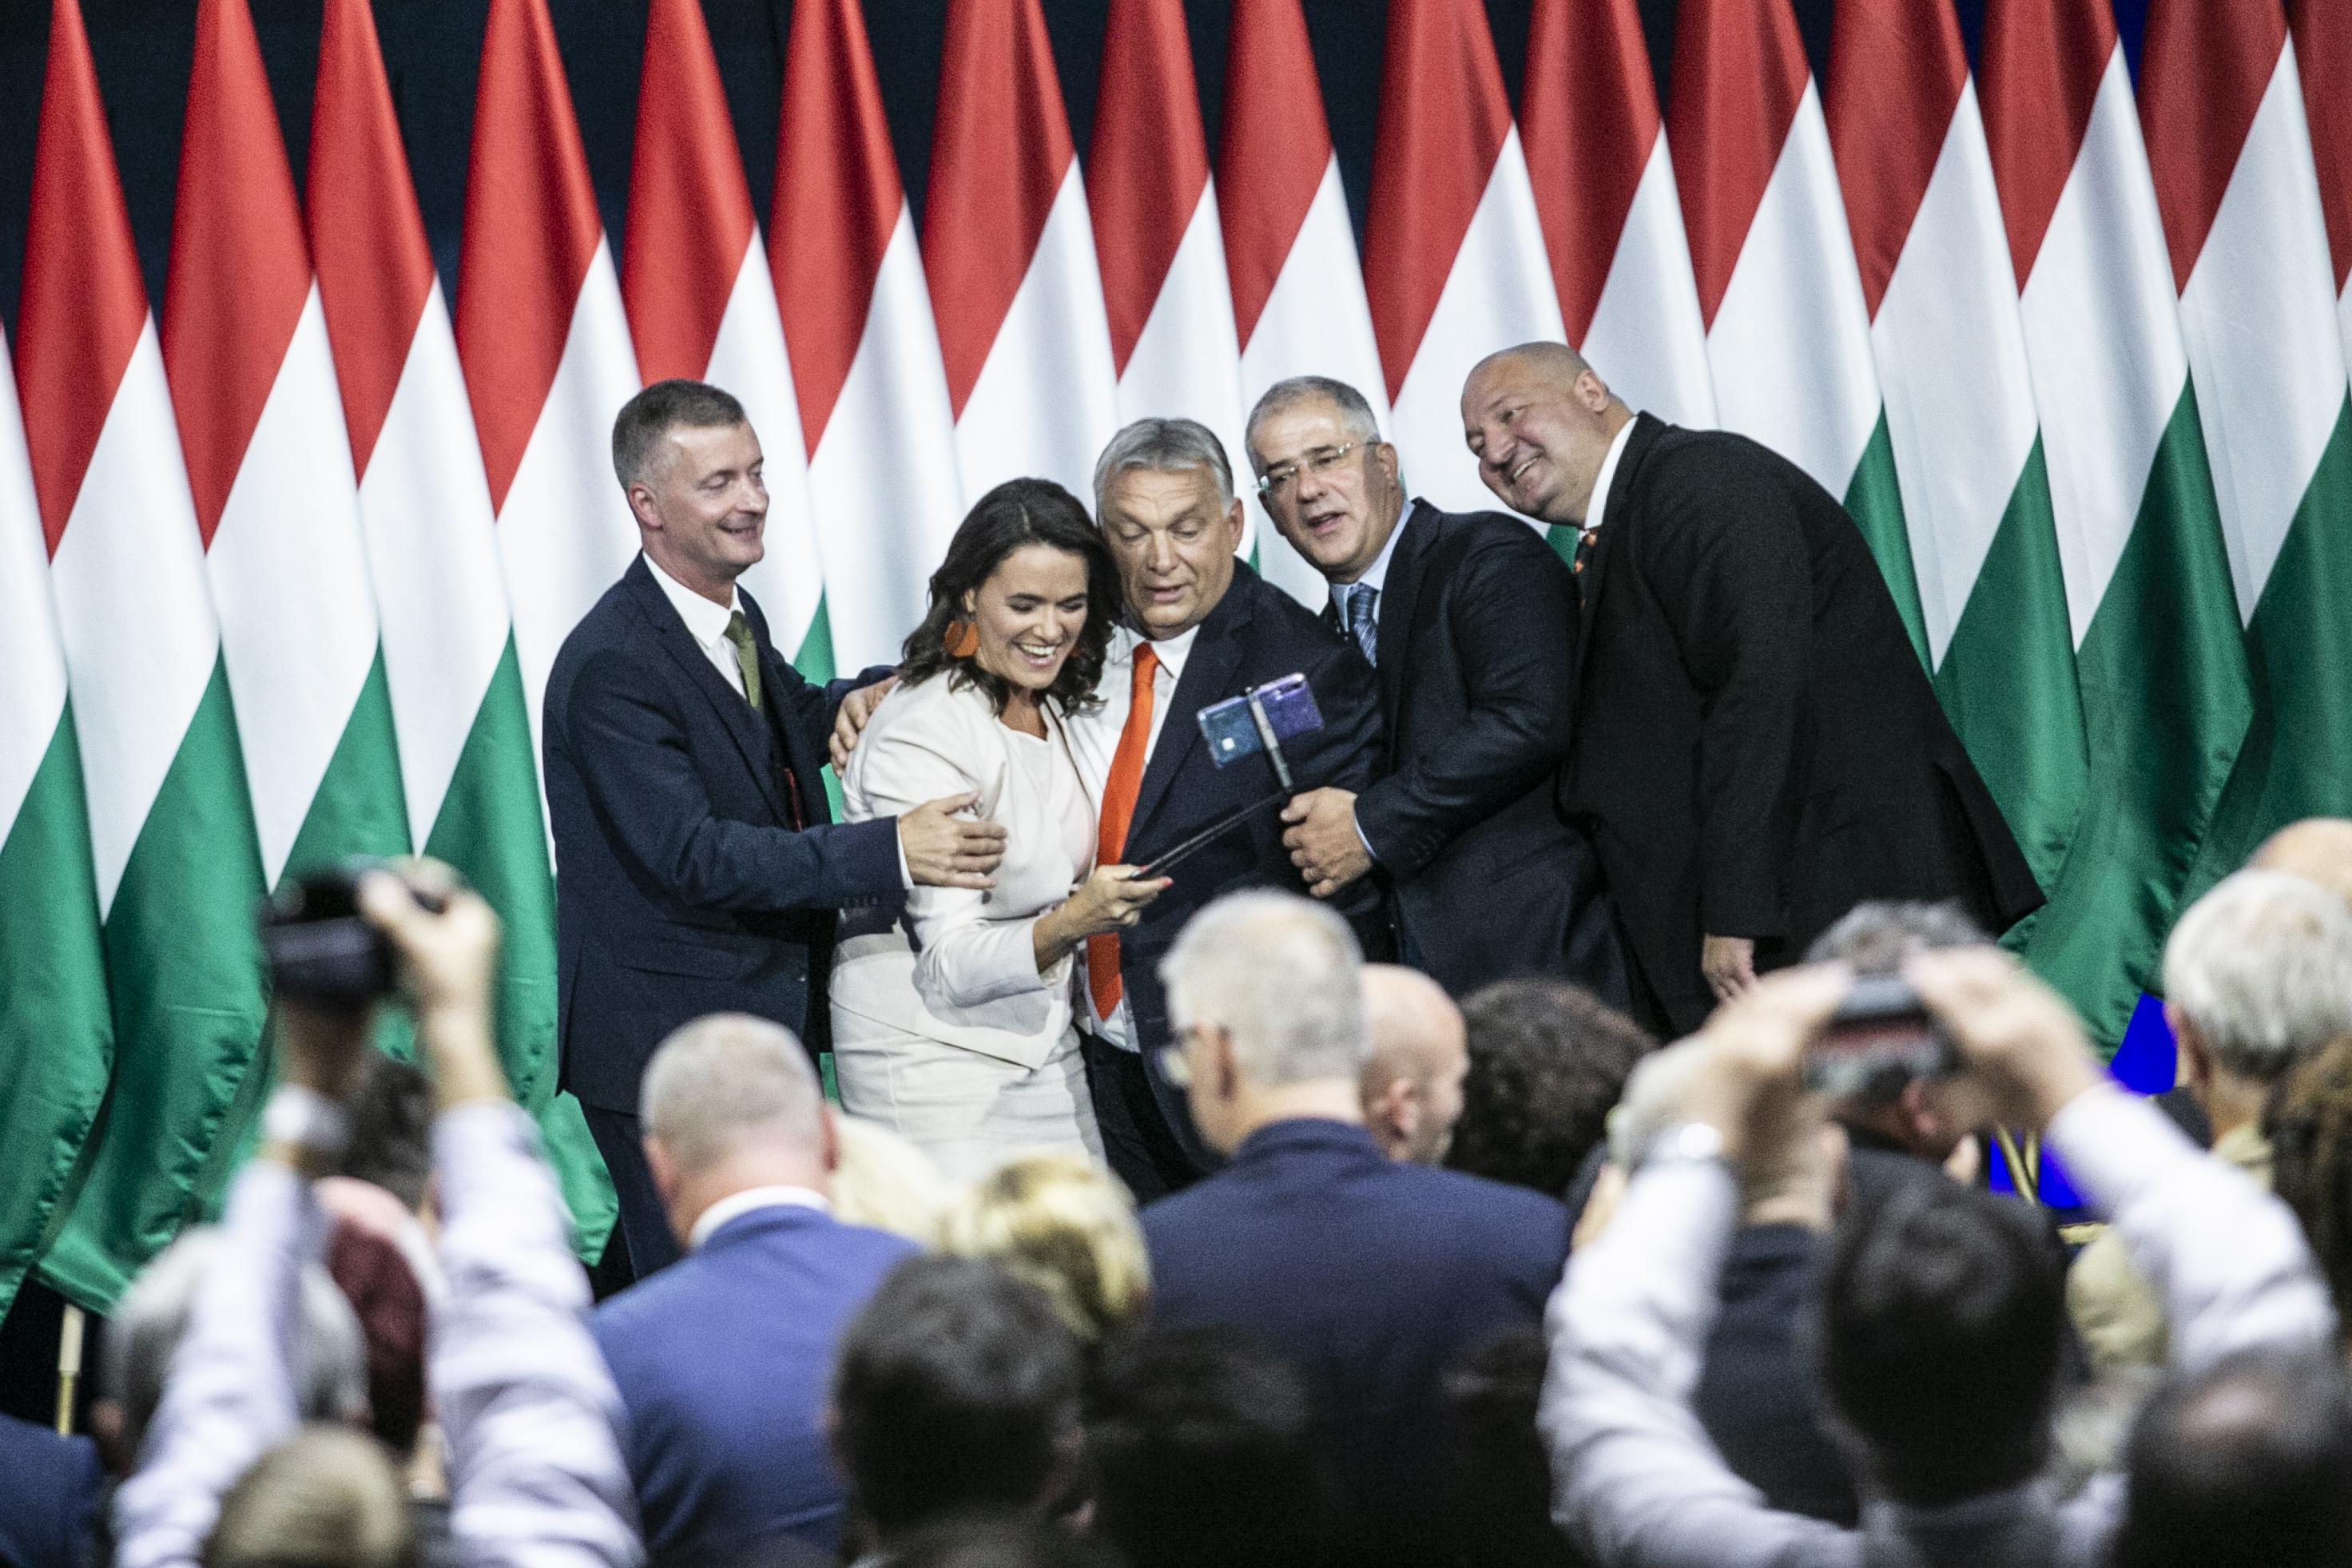 14 éve fordult elő utoljára, hogy a Fideszben választhattak több jelölt közül a kongresszuson